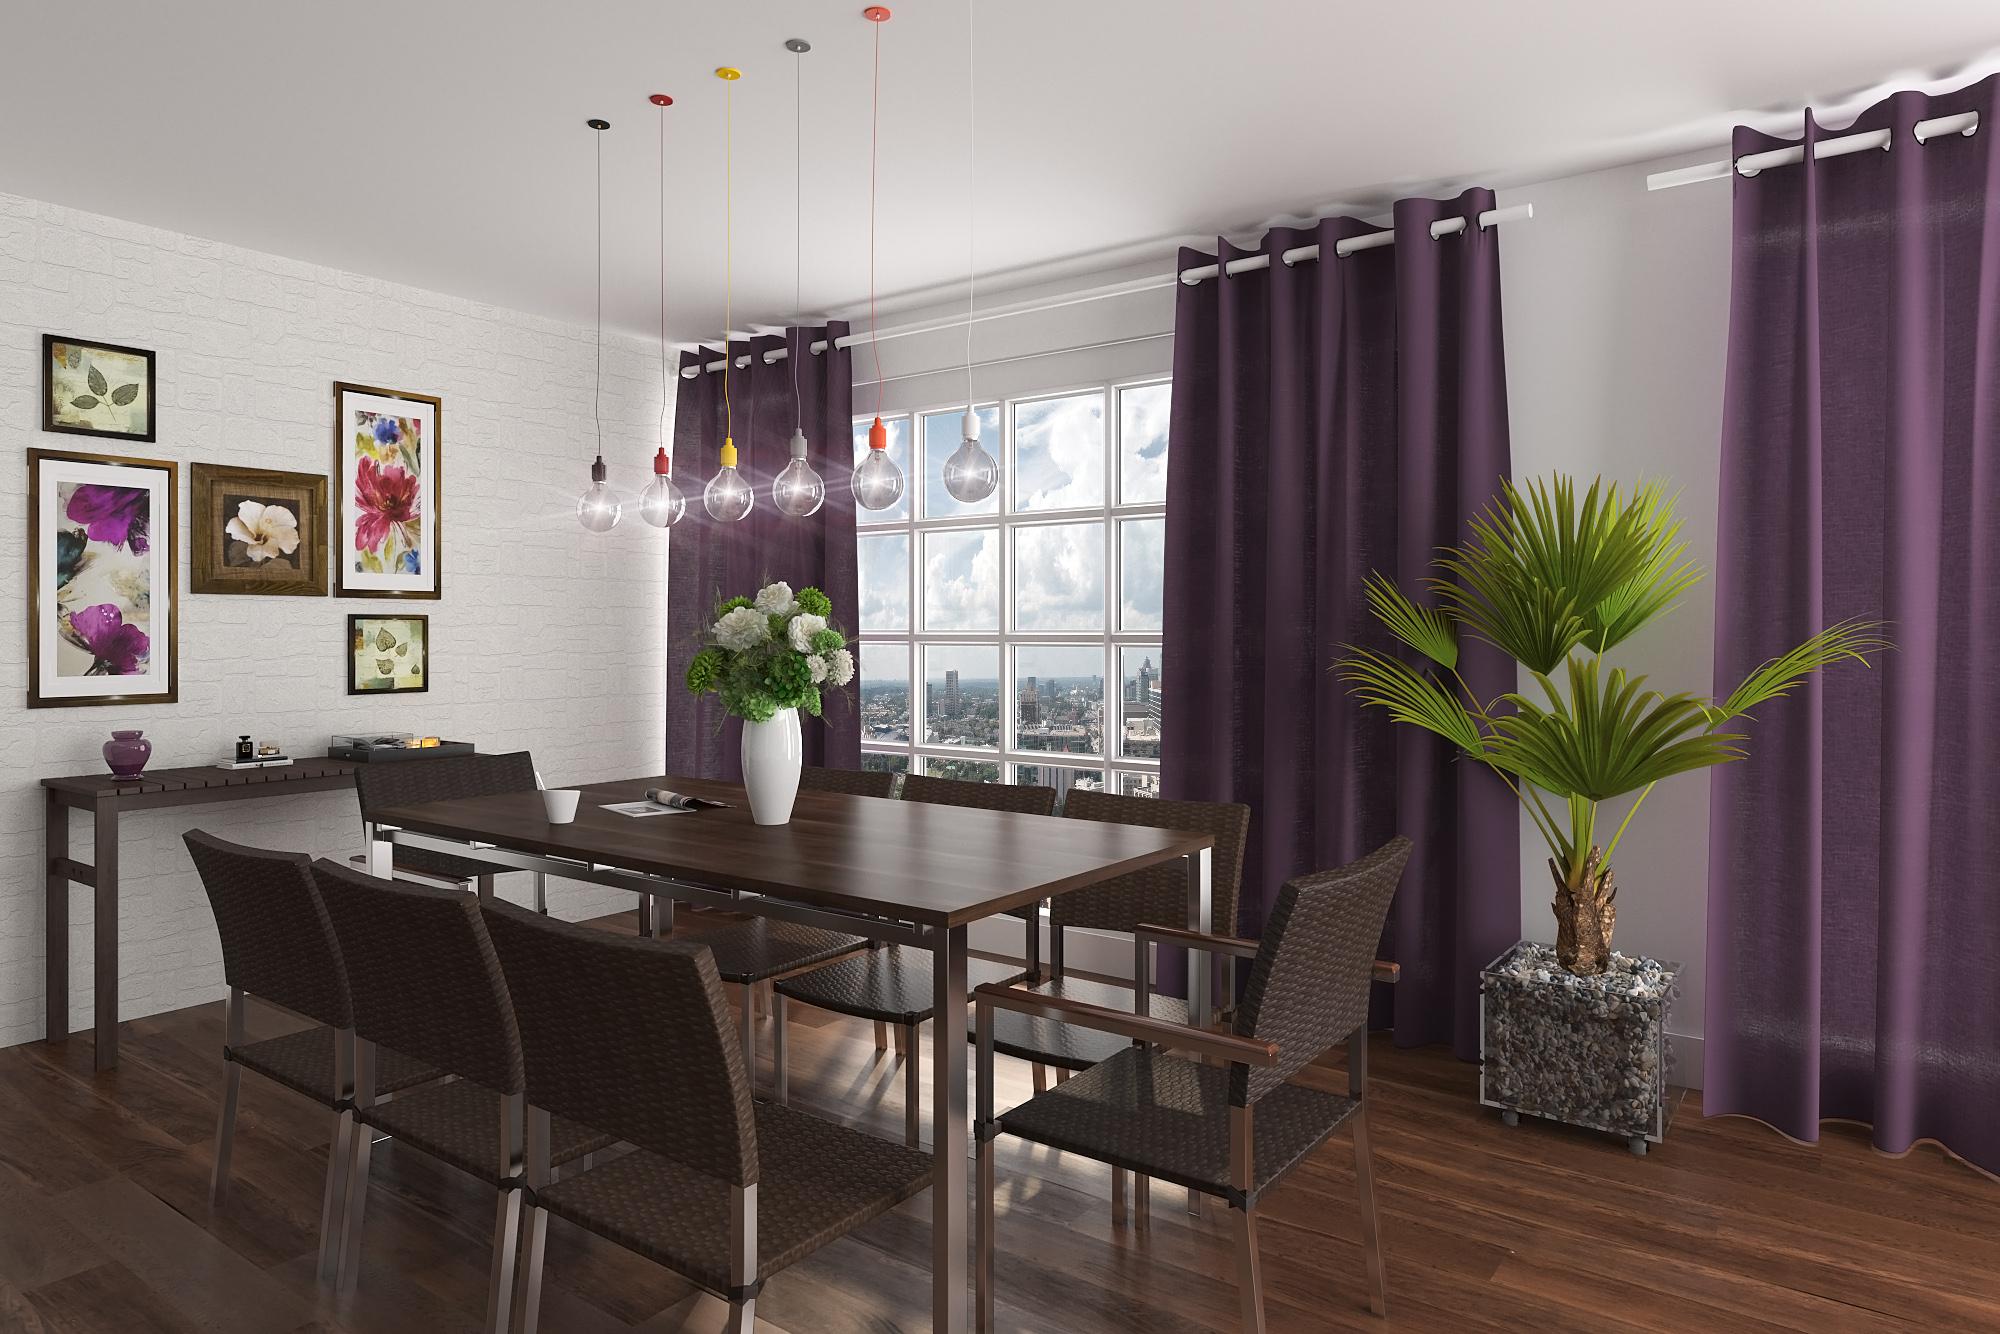 Sala De Jantar Decorada Leroy Merlin -> Sala De Estar Ambientes Decorados